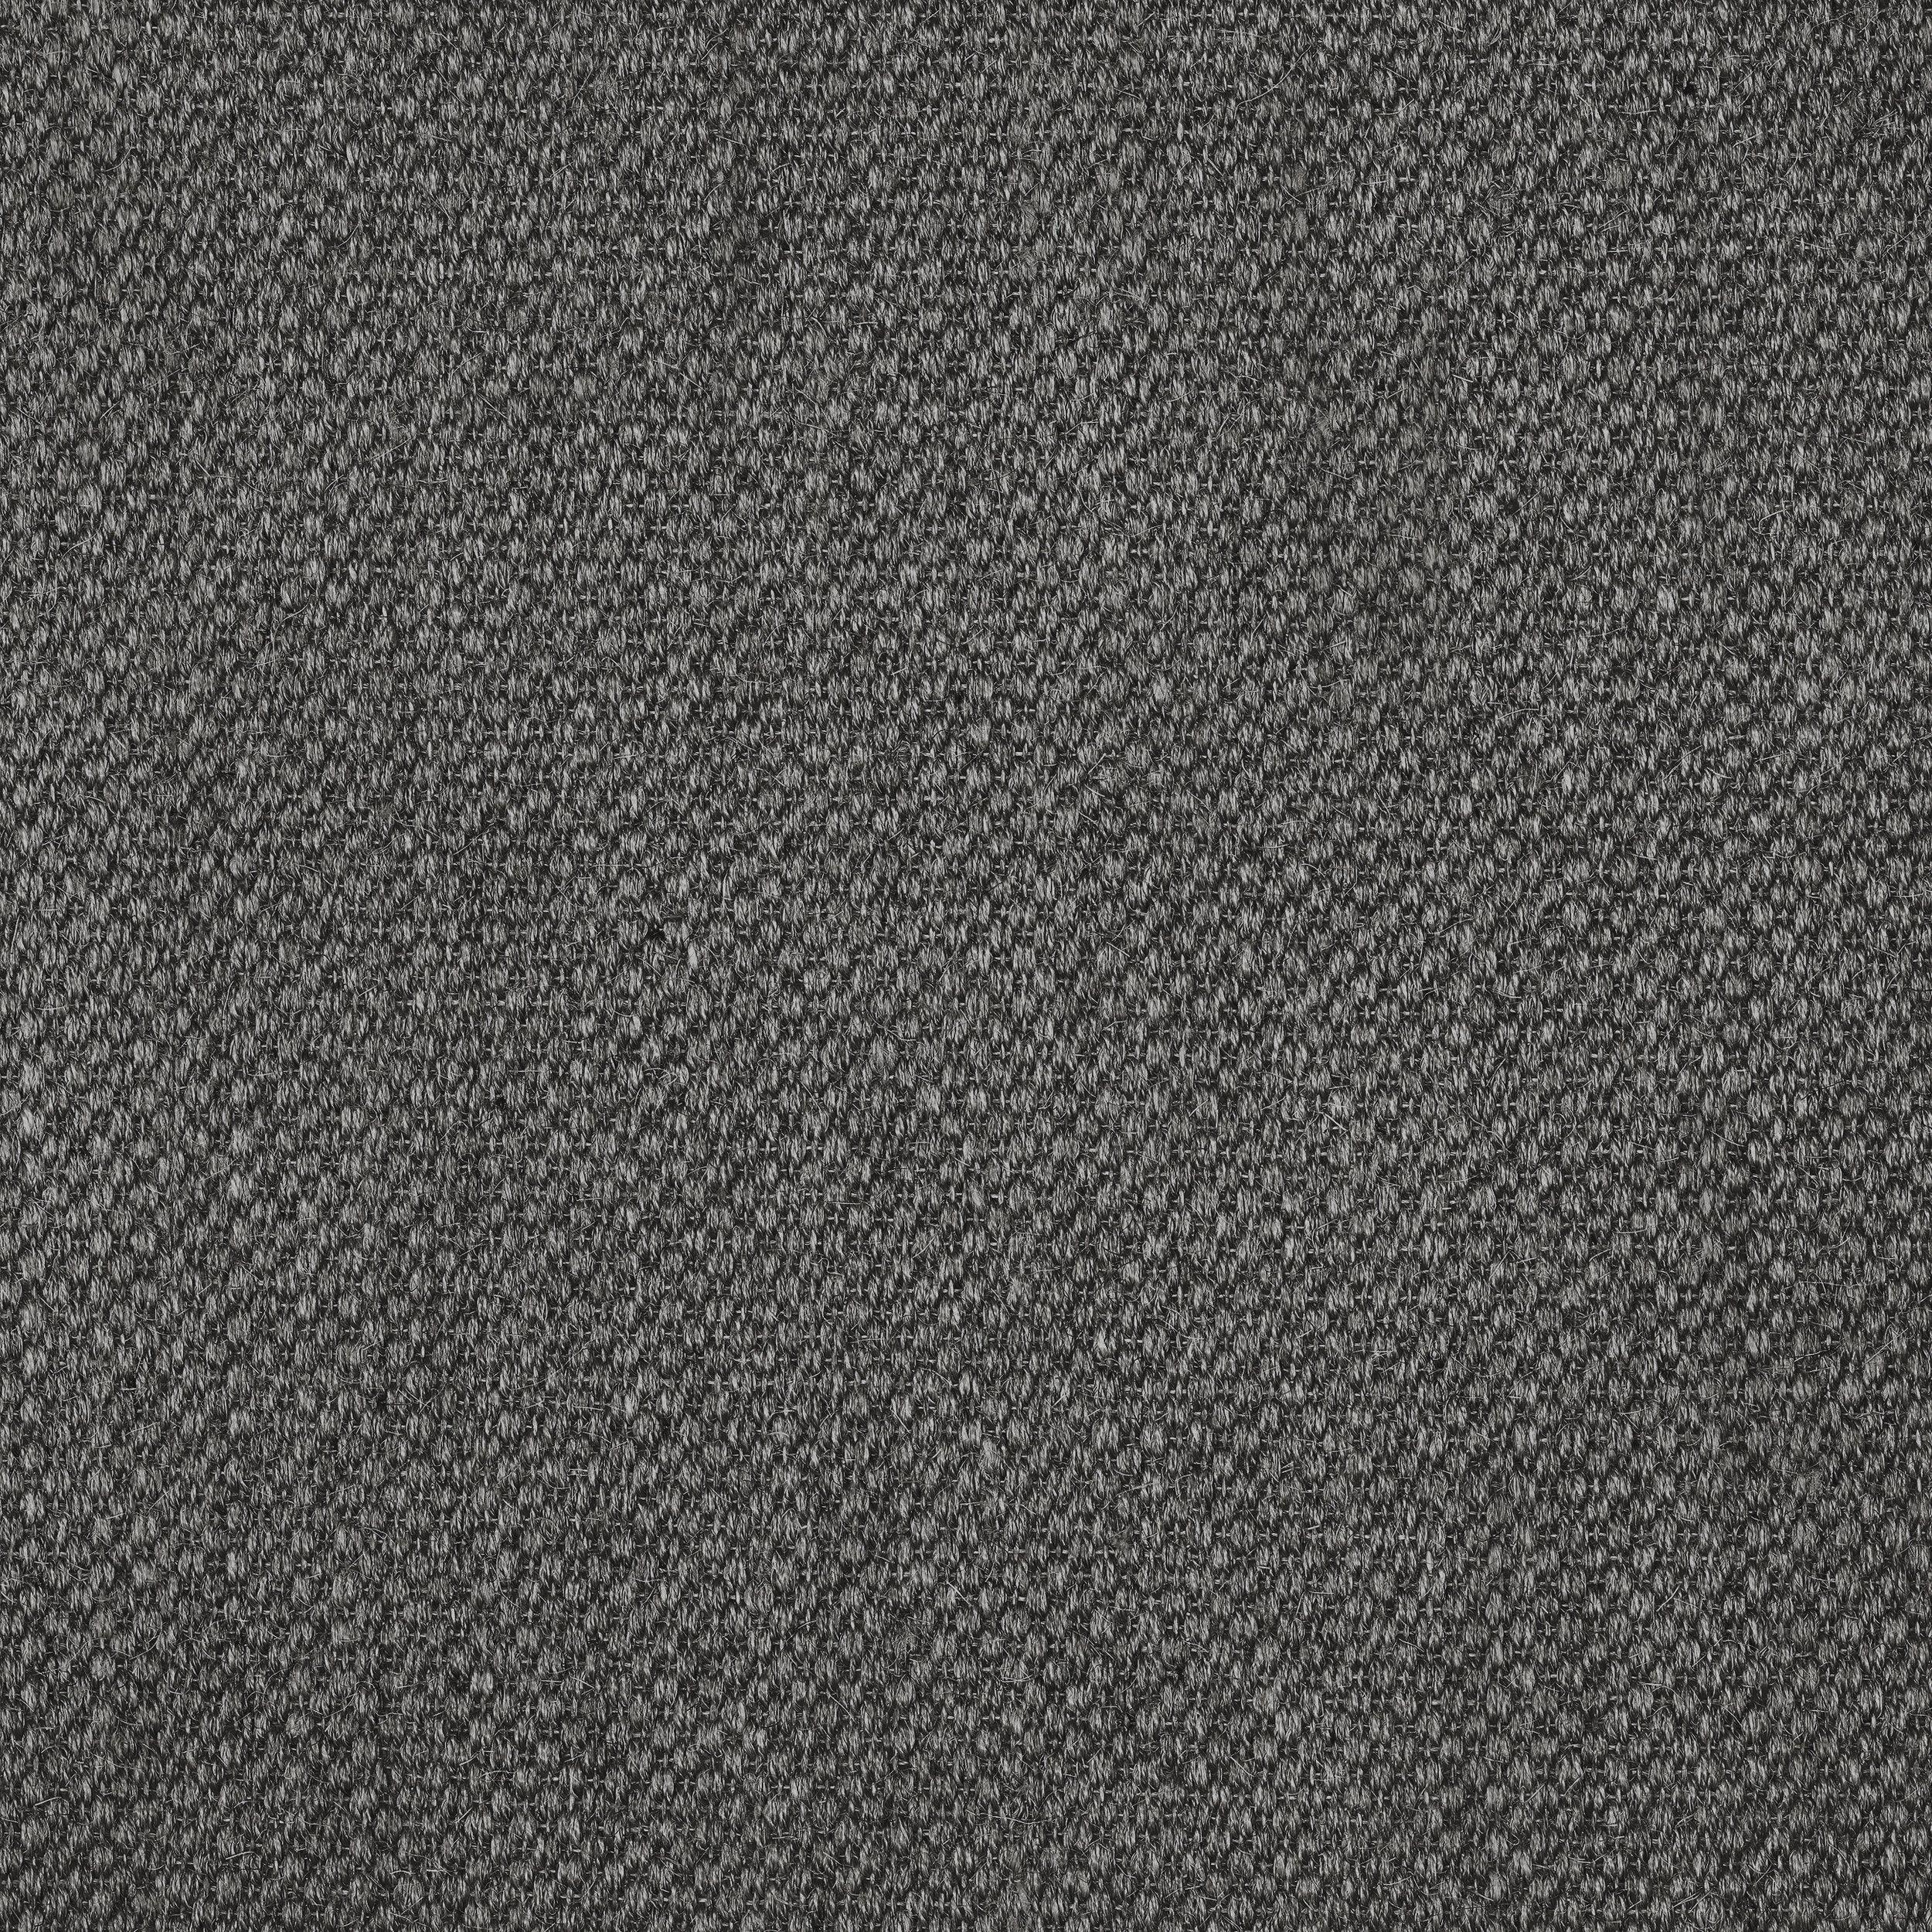 Carpet Graphite 60x60cm